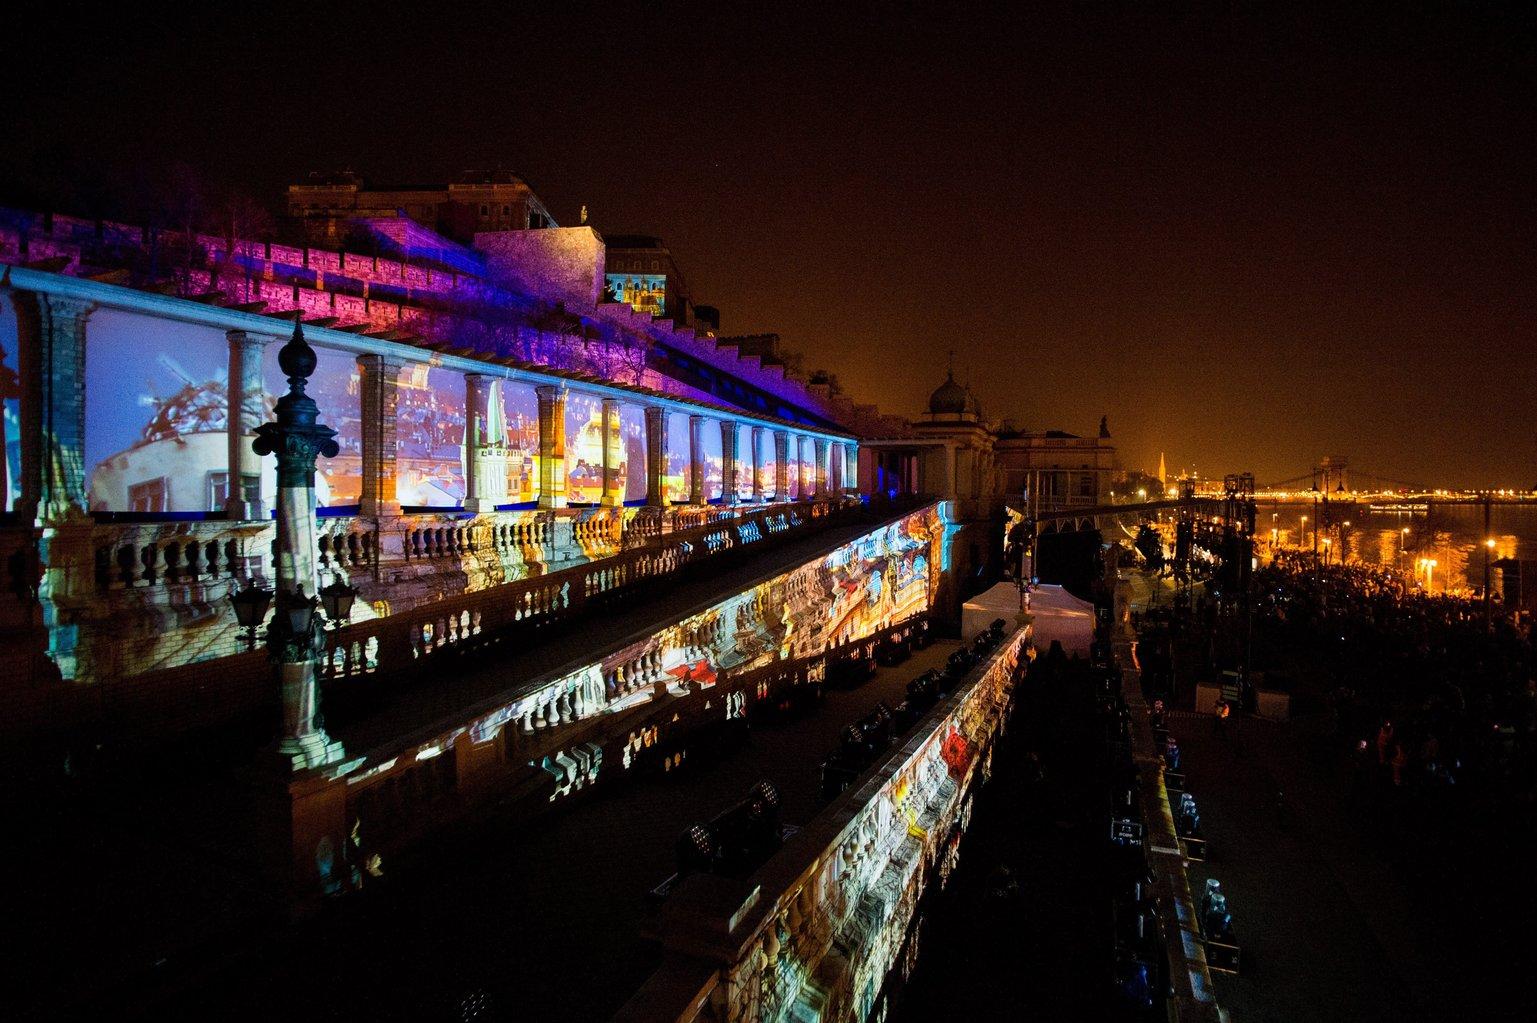 Budapest, 2018. február 11. Fényfestés a visegrádi négyek (V4) megalakulásának évfordulója alkalmából rendezett V4 karneválon a fővárosi Várkert Bazárnál 2018. február 11-én. MTI Fotó: Balogh Zoltán